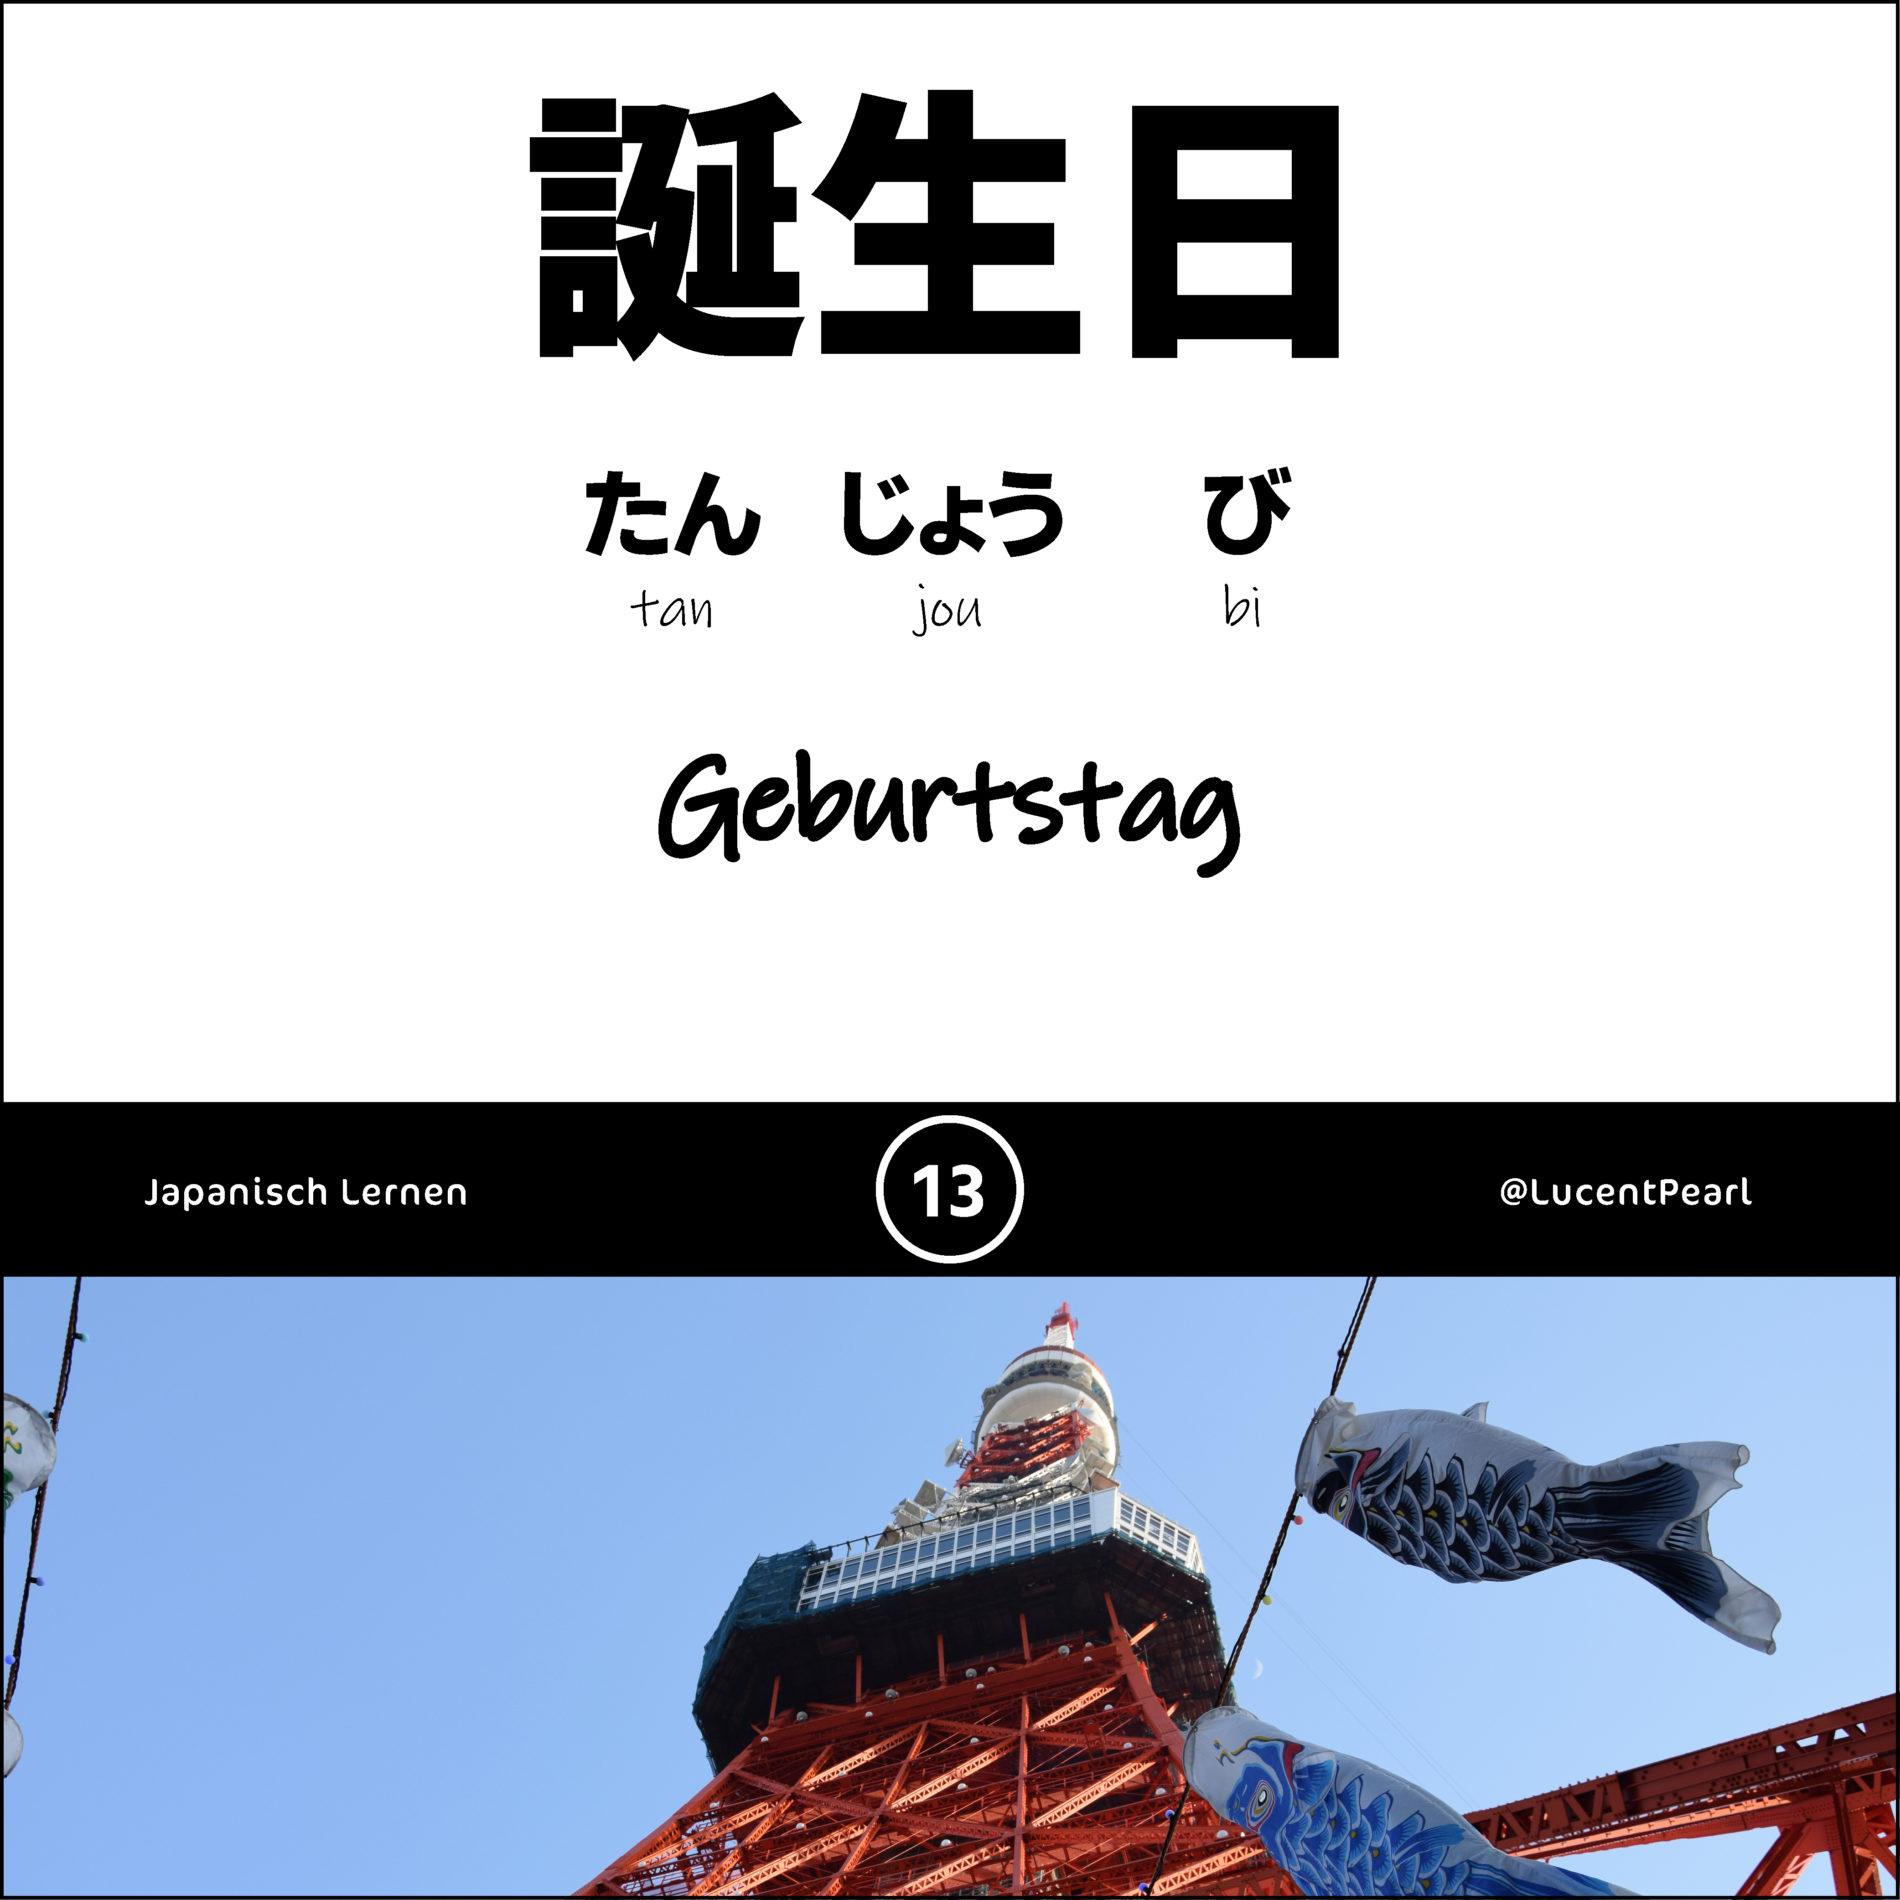 Japanisch Geburtstag tanjoubi